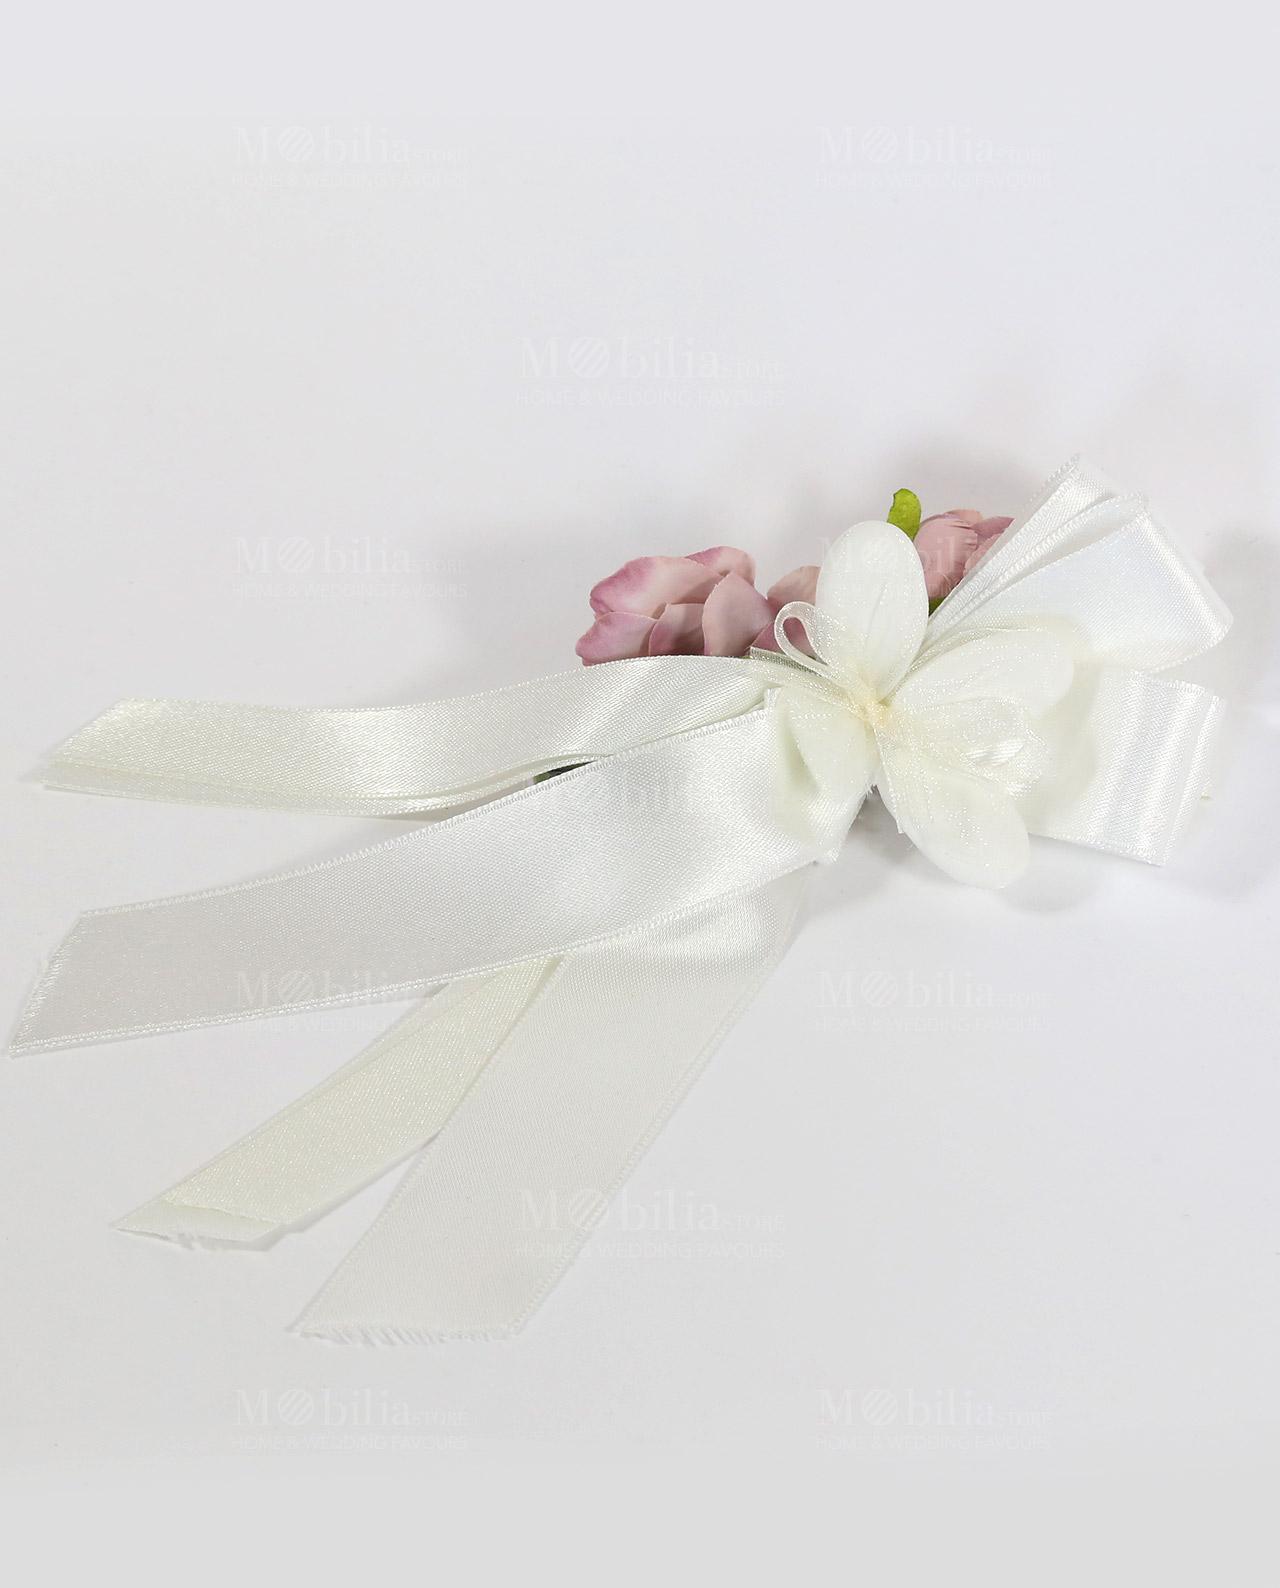 Segnaposto Matrimonio Azzurro : Segnaposto matrimonio fiocco rosa rdm design mobilia